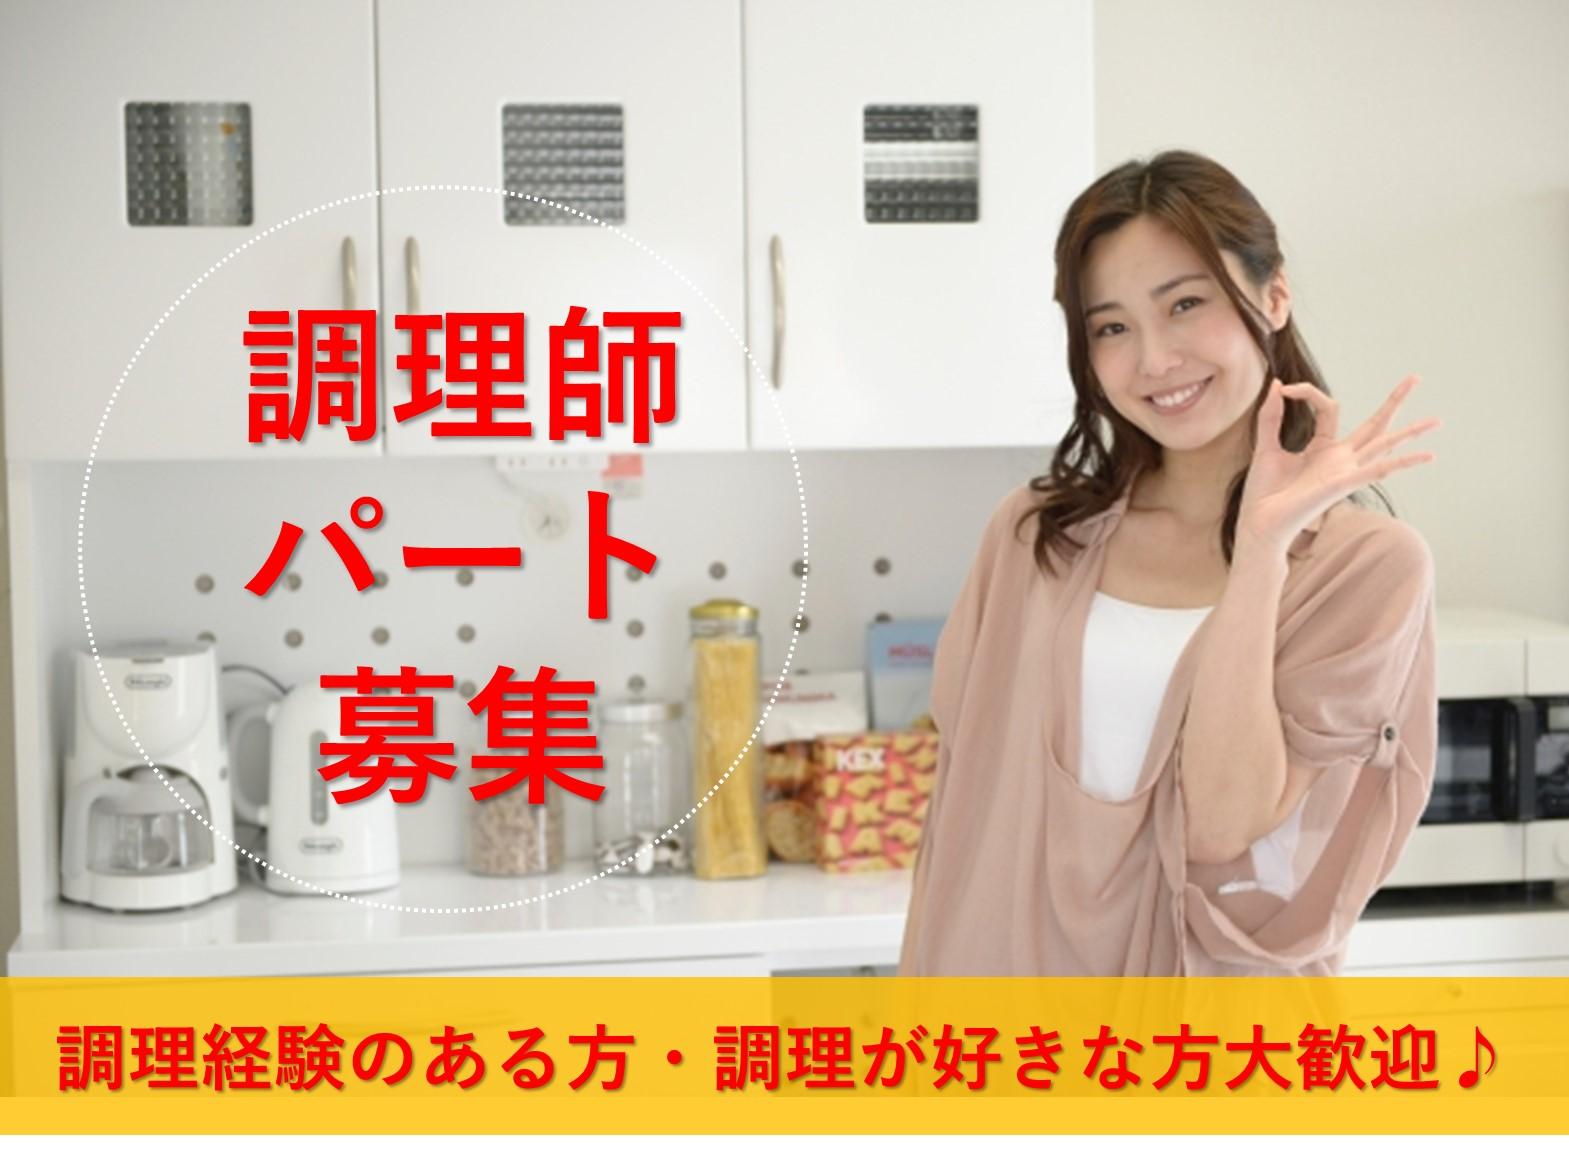 【パート】15食程度!調理経験のある方、調理が好きな方大歓迎◎調理師 イメージ